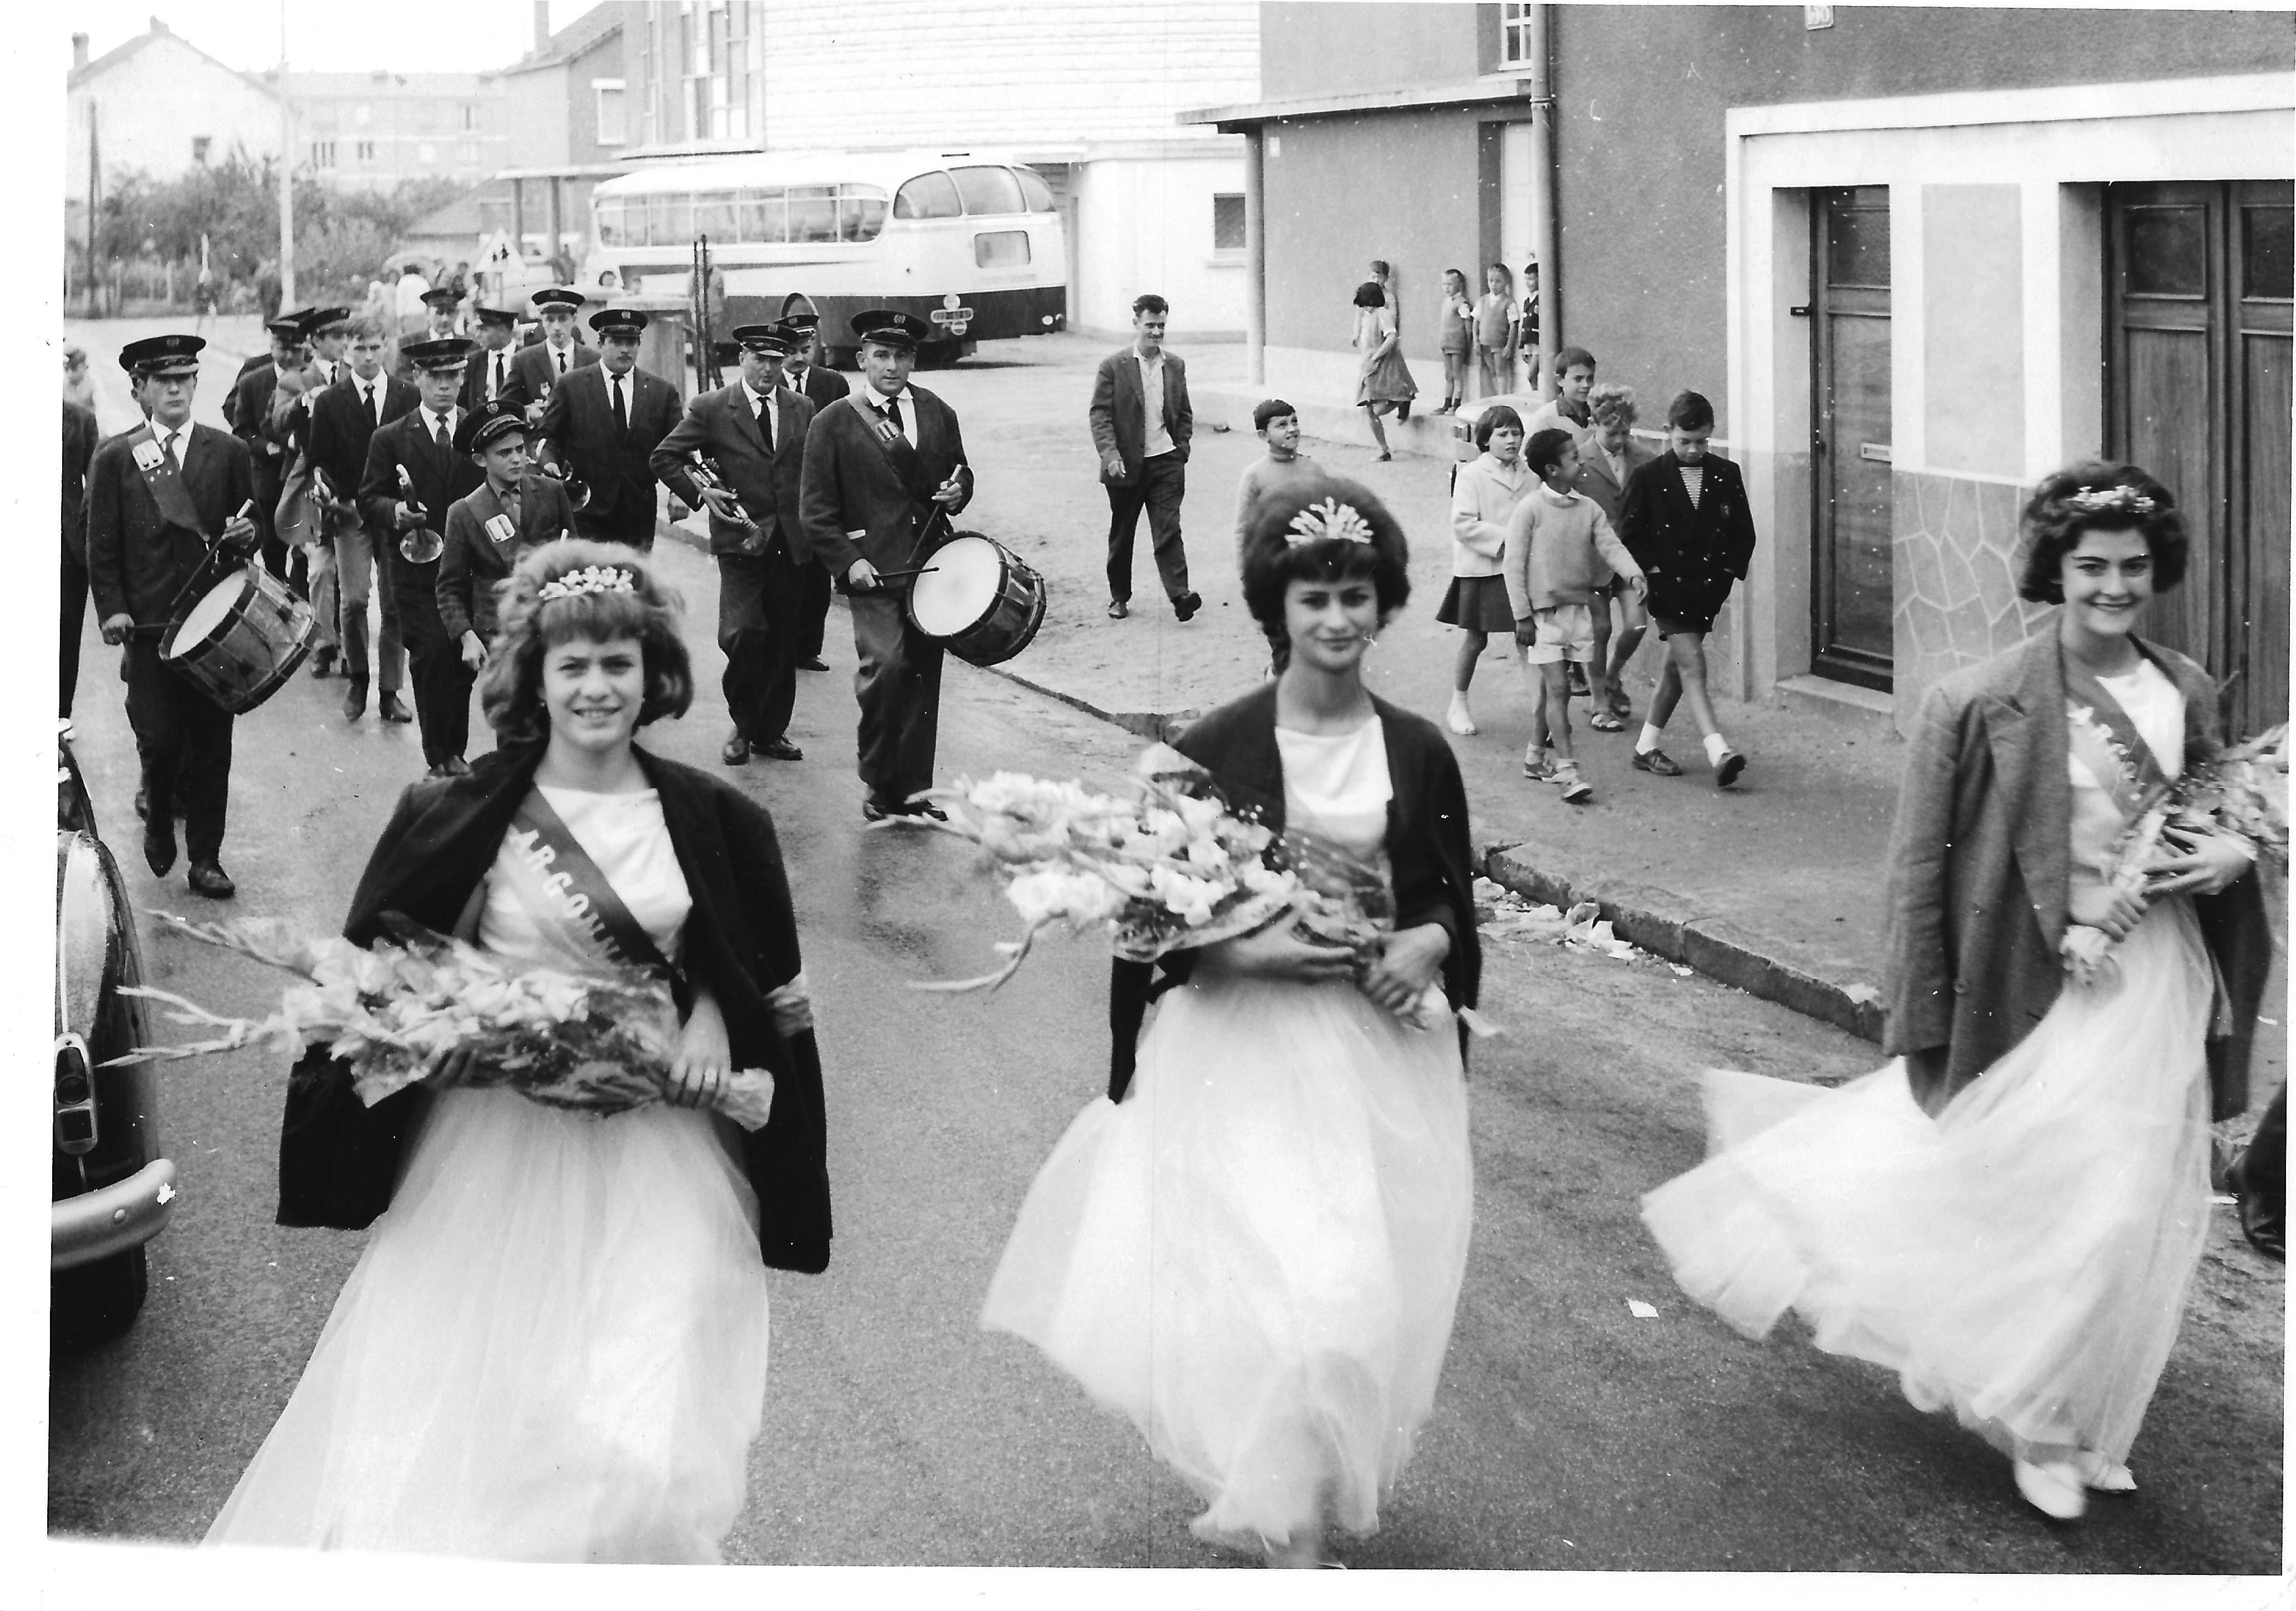 La reine et ses demoiselles d'honneur - Photo Lydie Gascoin